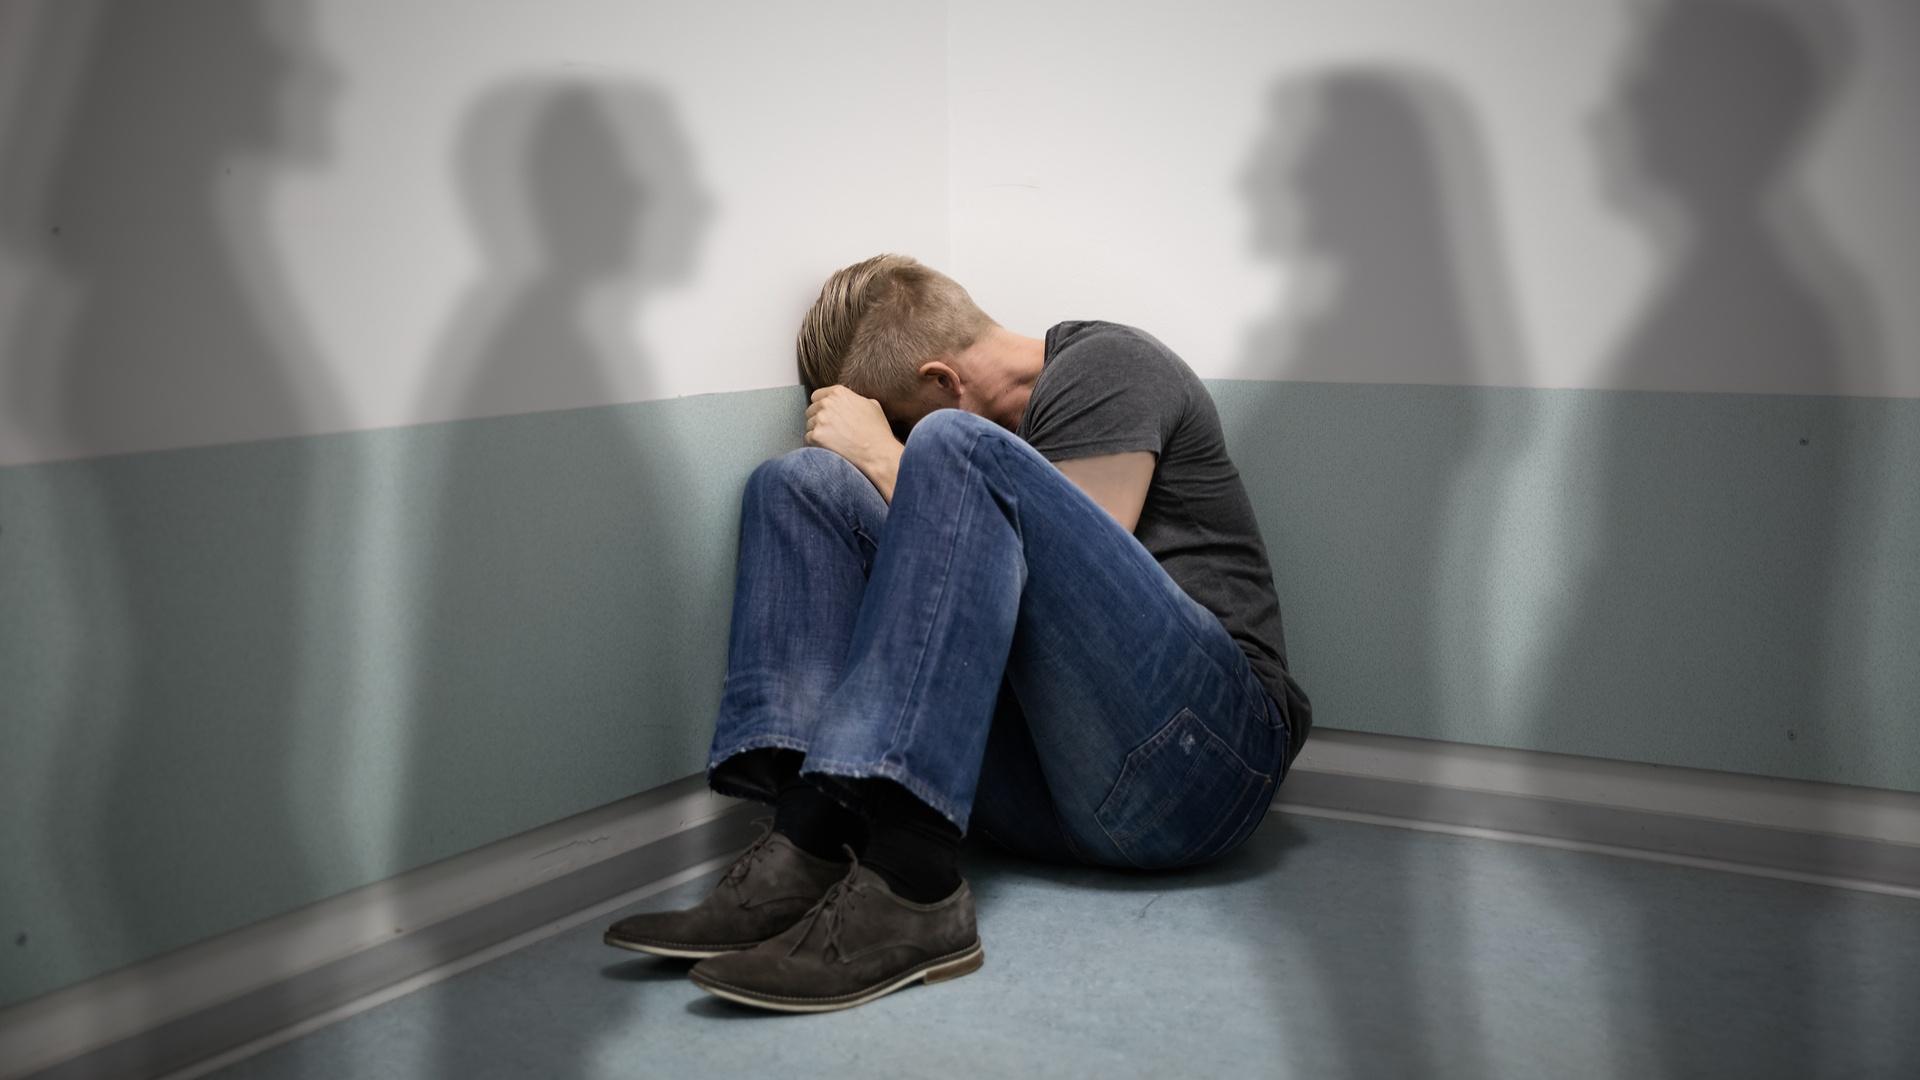 Incapacidad Laboral y Discapacidad por Esquizofrenia